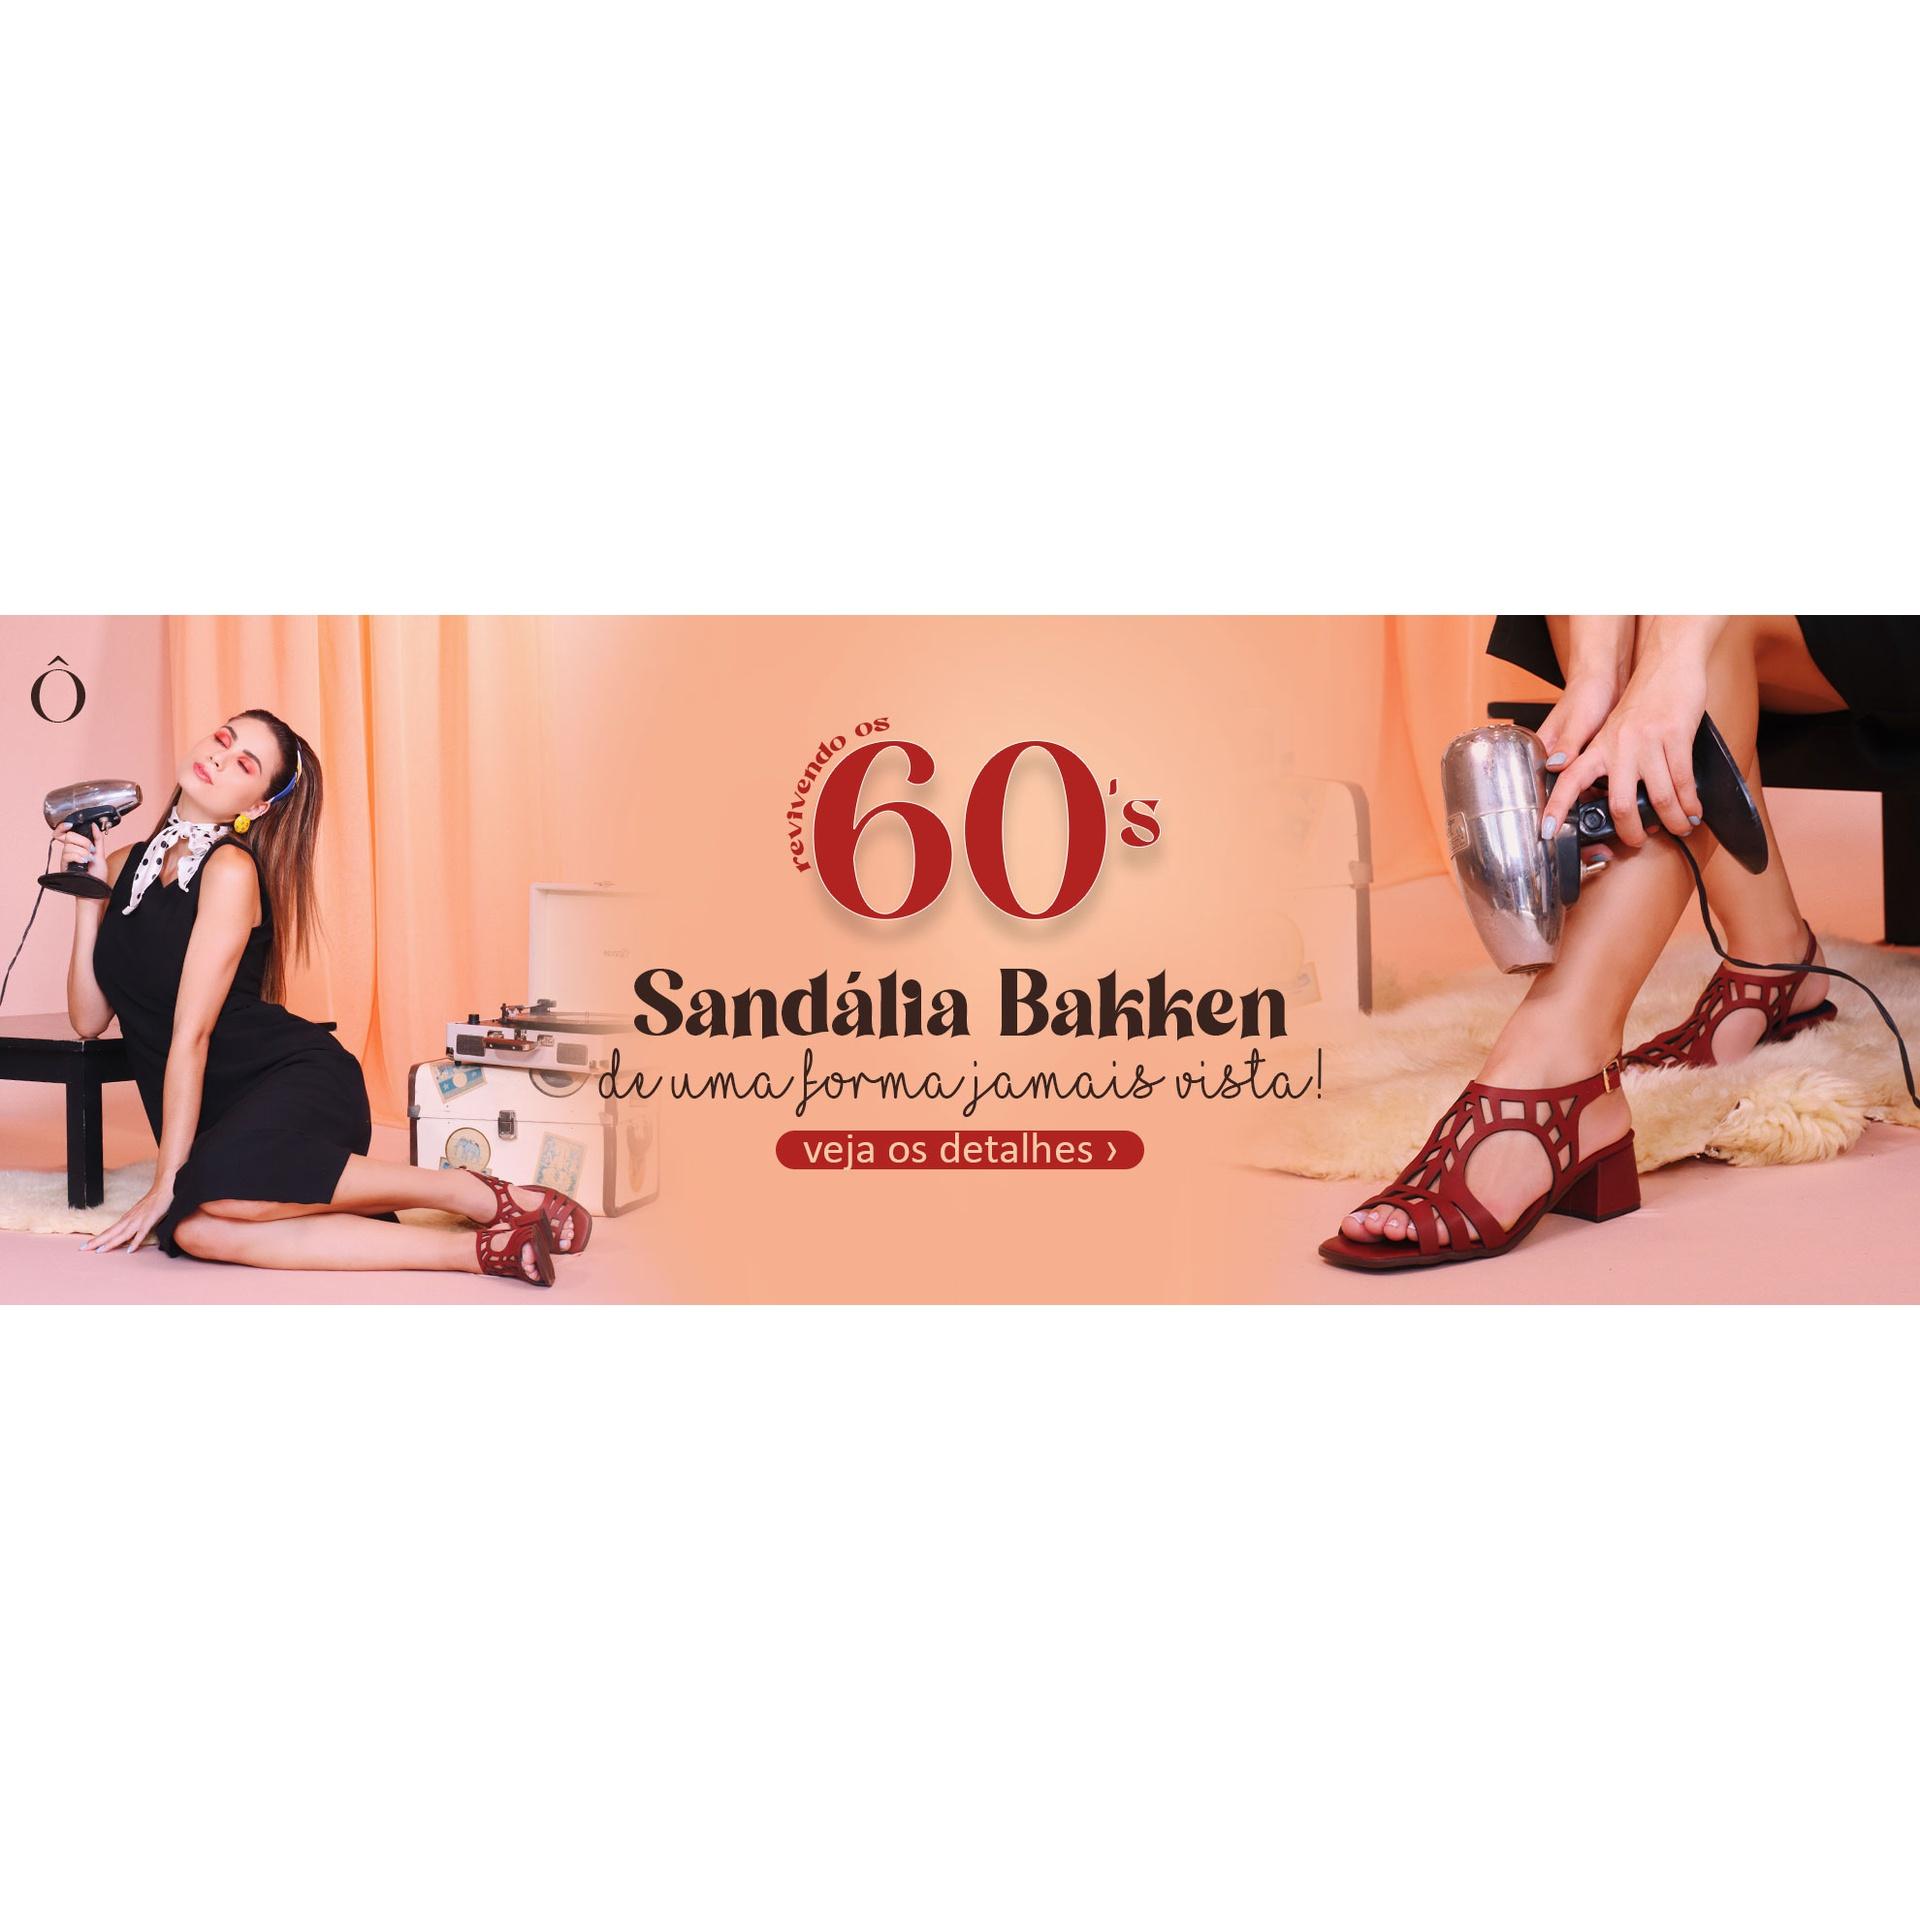 Sandália Bakken Chilli